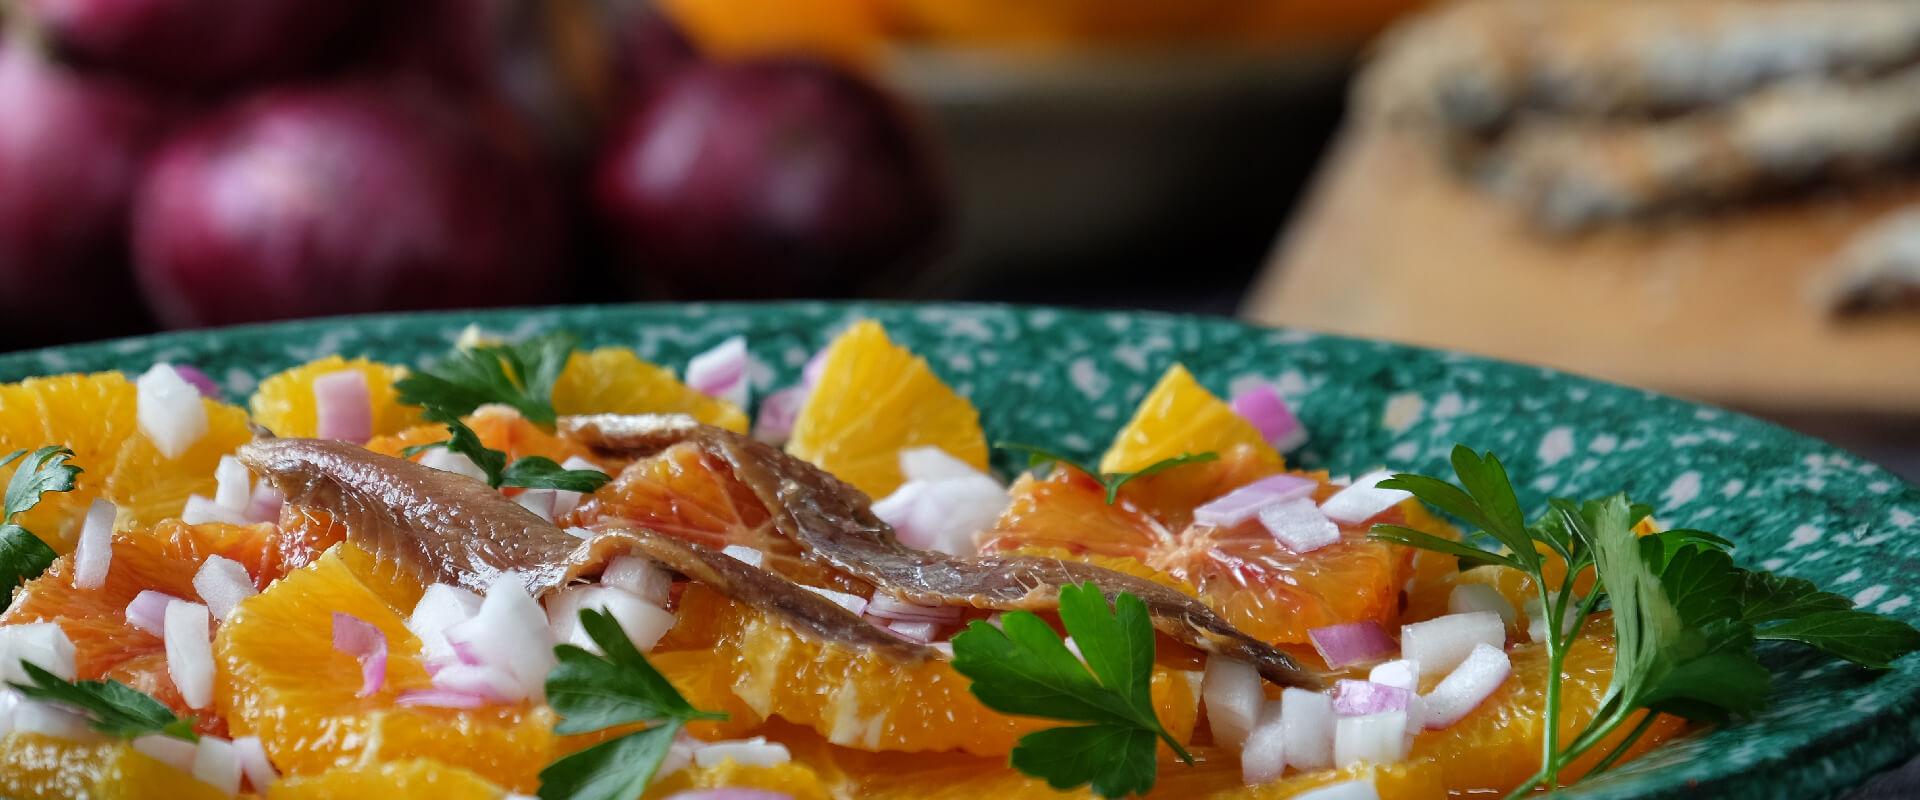 Sałatka z pomarańczy i anchois